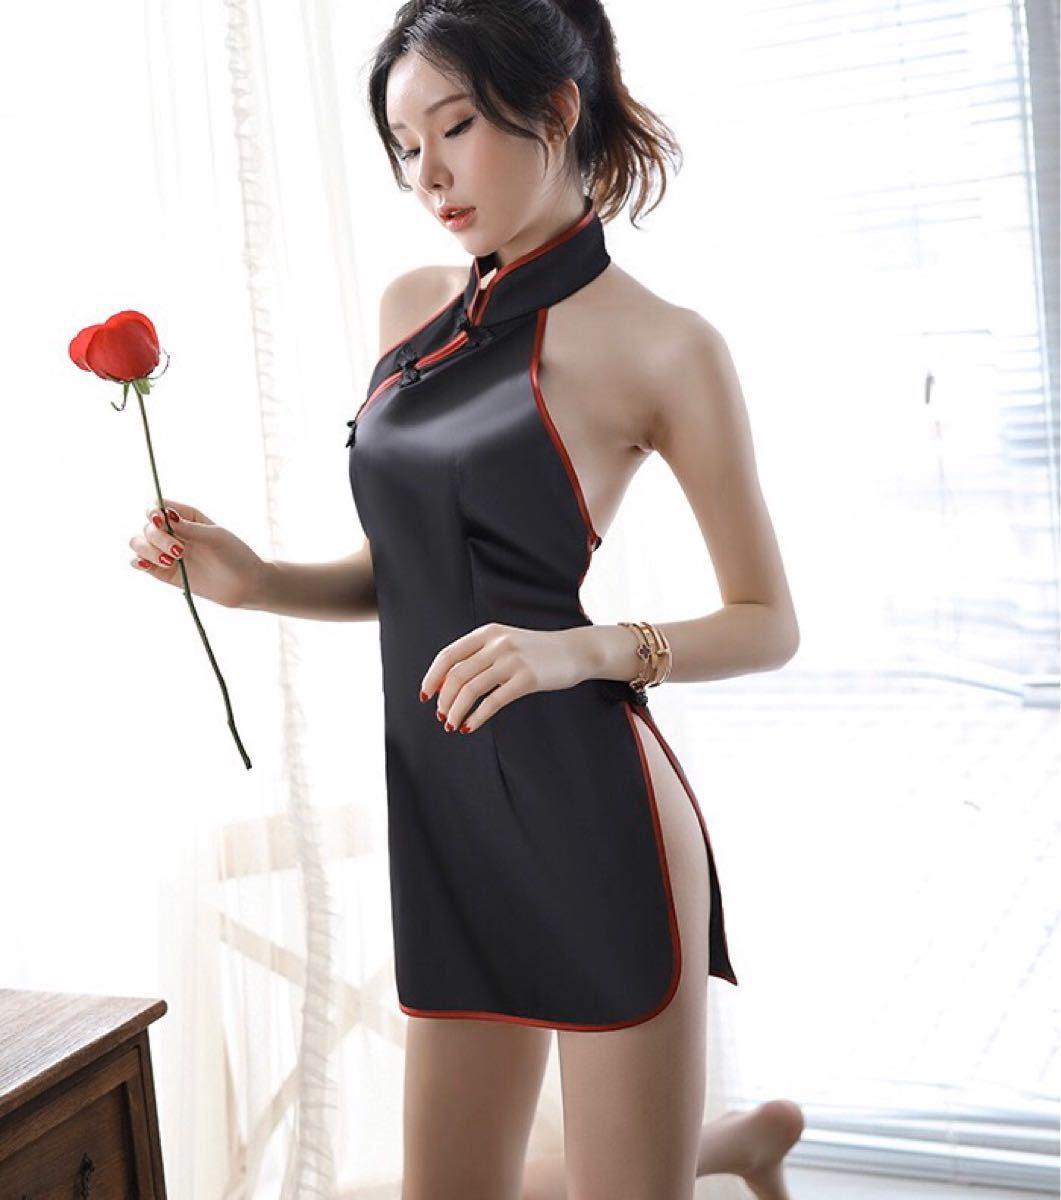 セクシー コスプレ コスプレ衣装 ミニワンピース ボディコンセクシーランジェリー